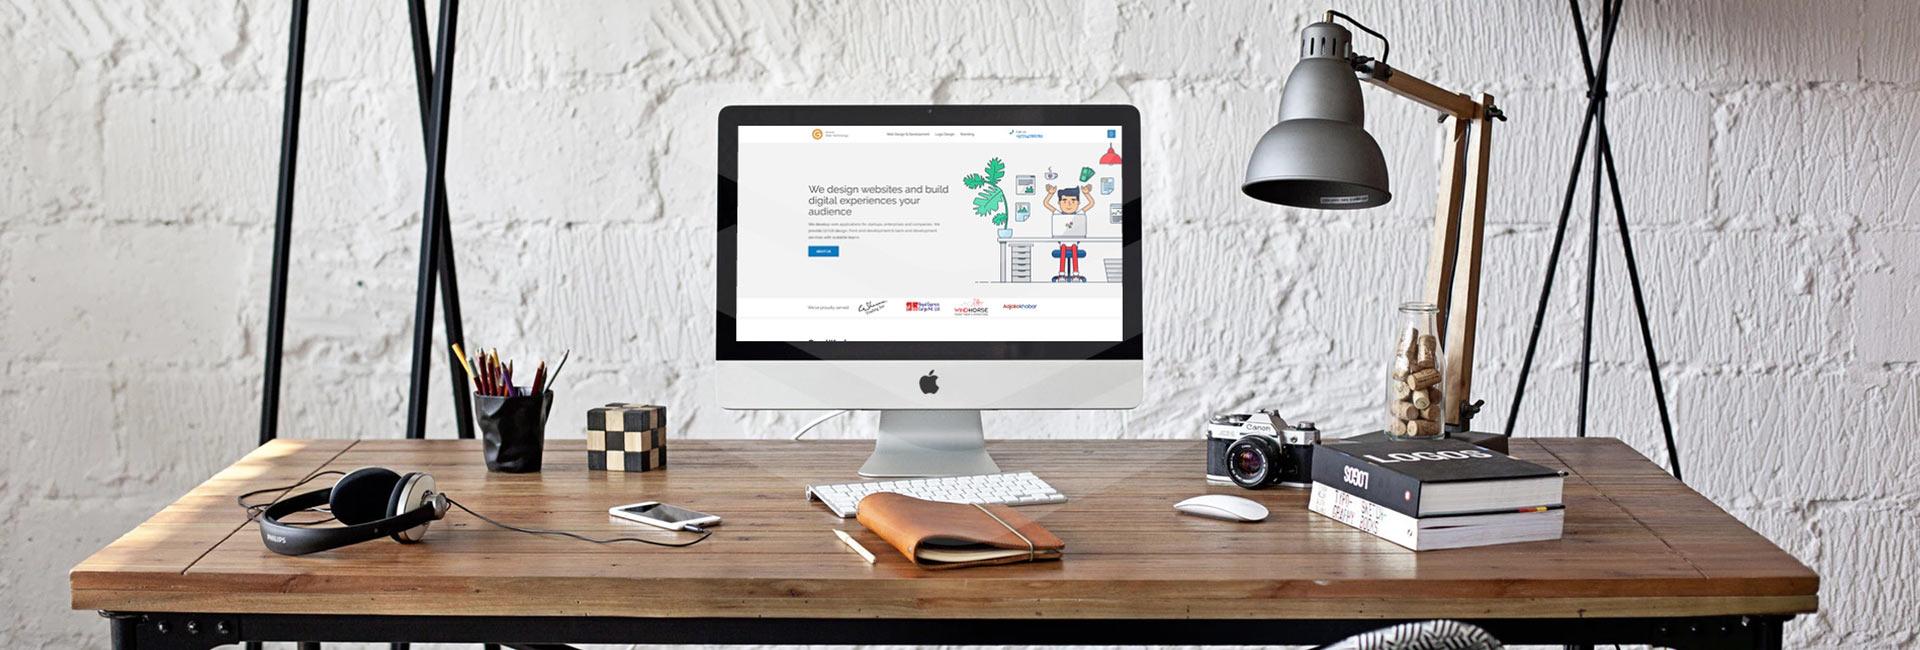 Web Design Company in Nepal